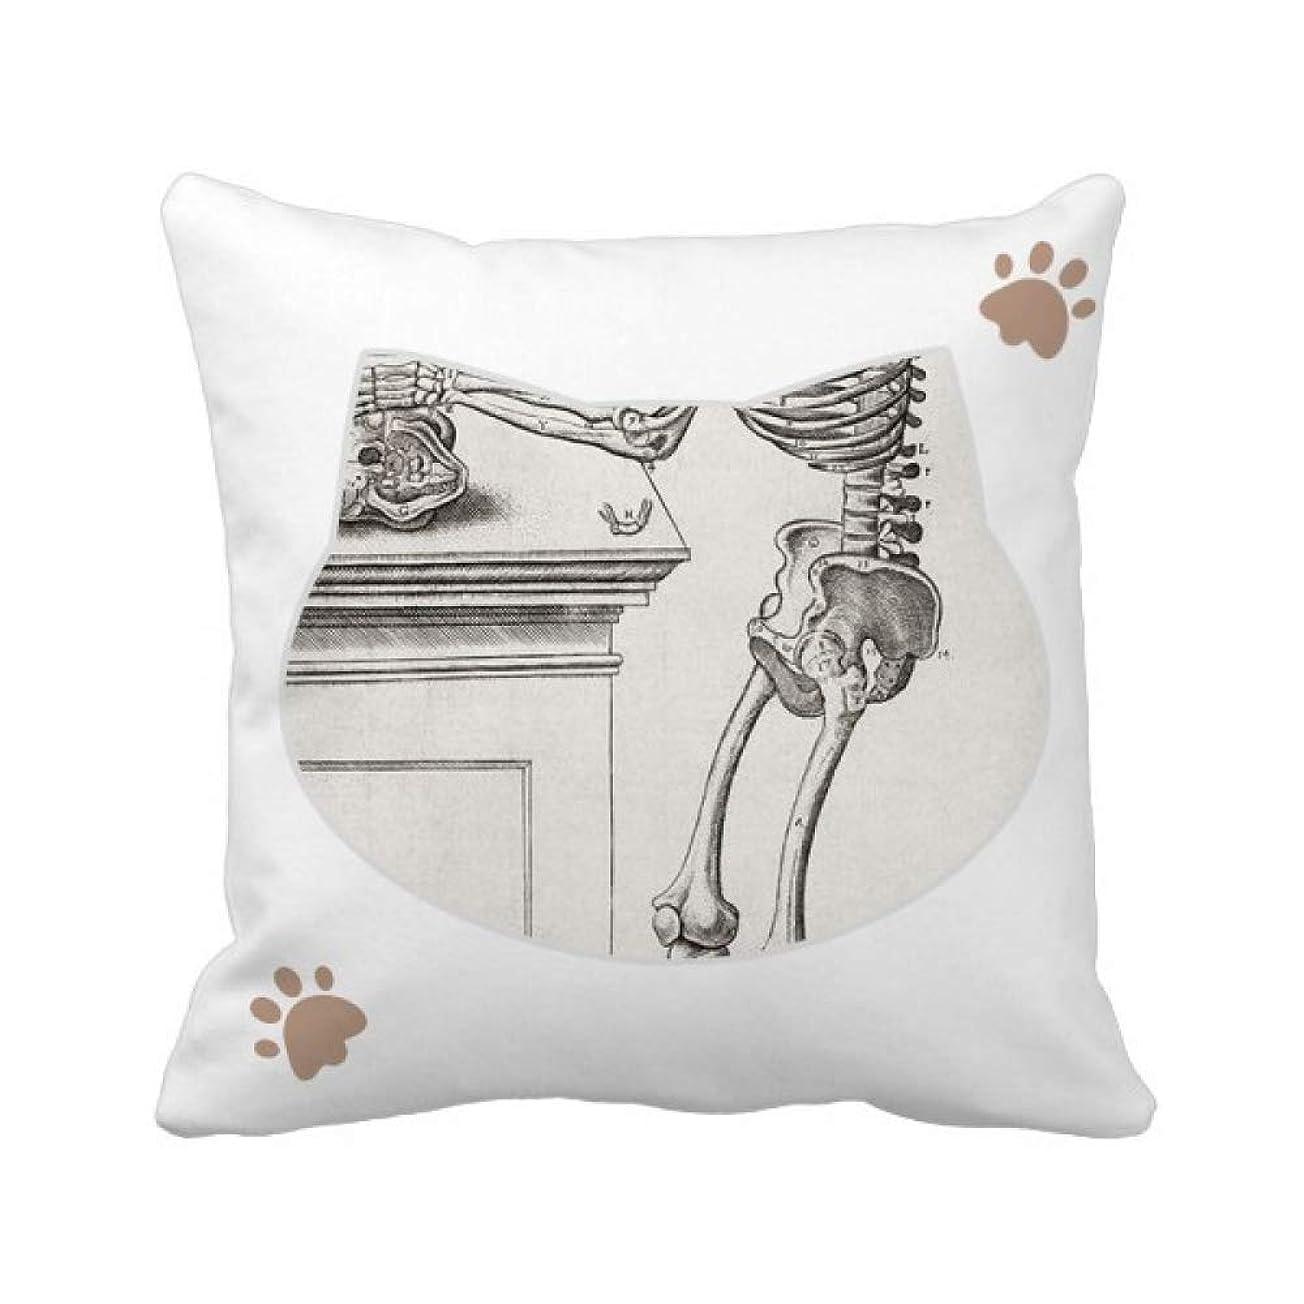 平方二十病者人間の身体装飾の骨格パターン 枕カバーを放り投げる猫広場 50cm x 50cm